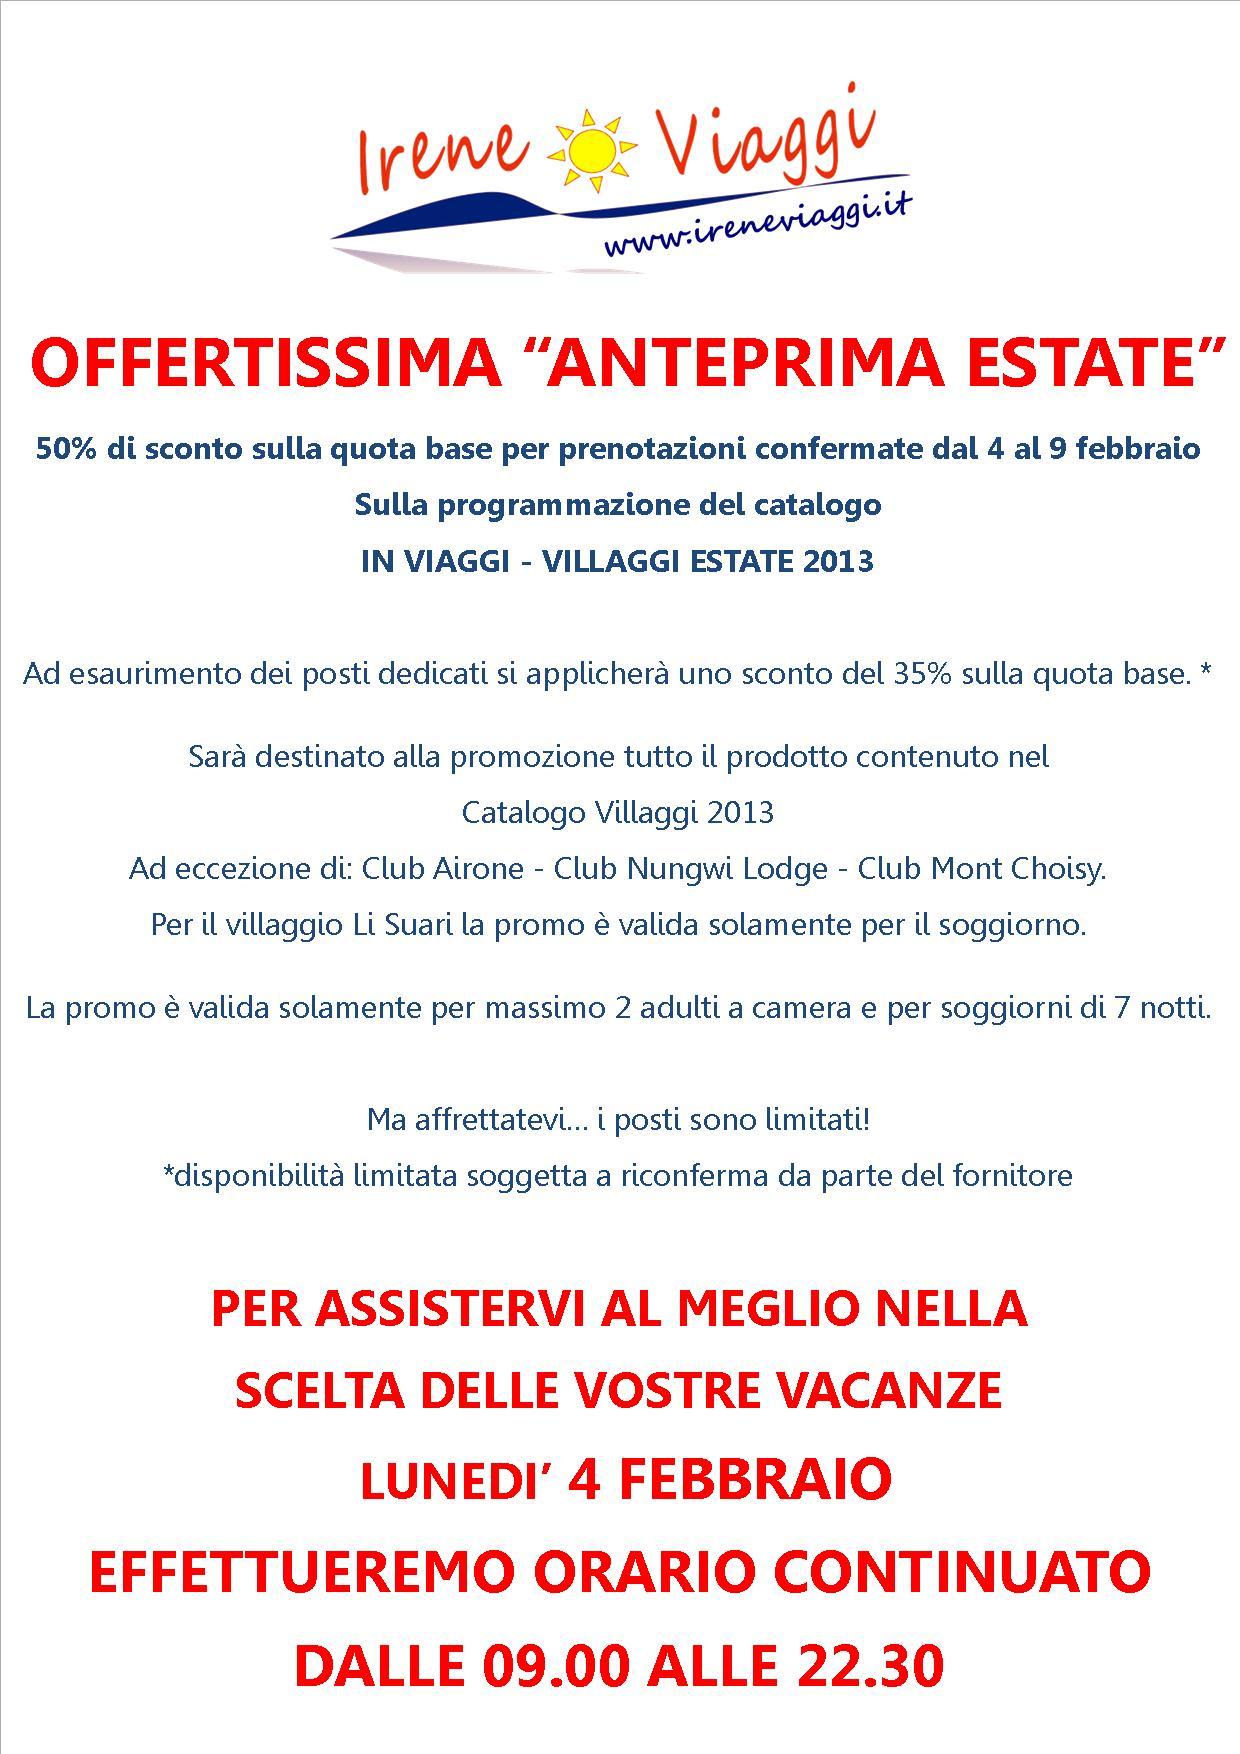 Anteprima Estate 2013